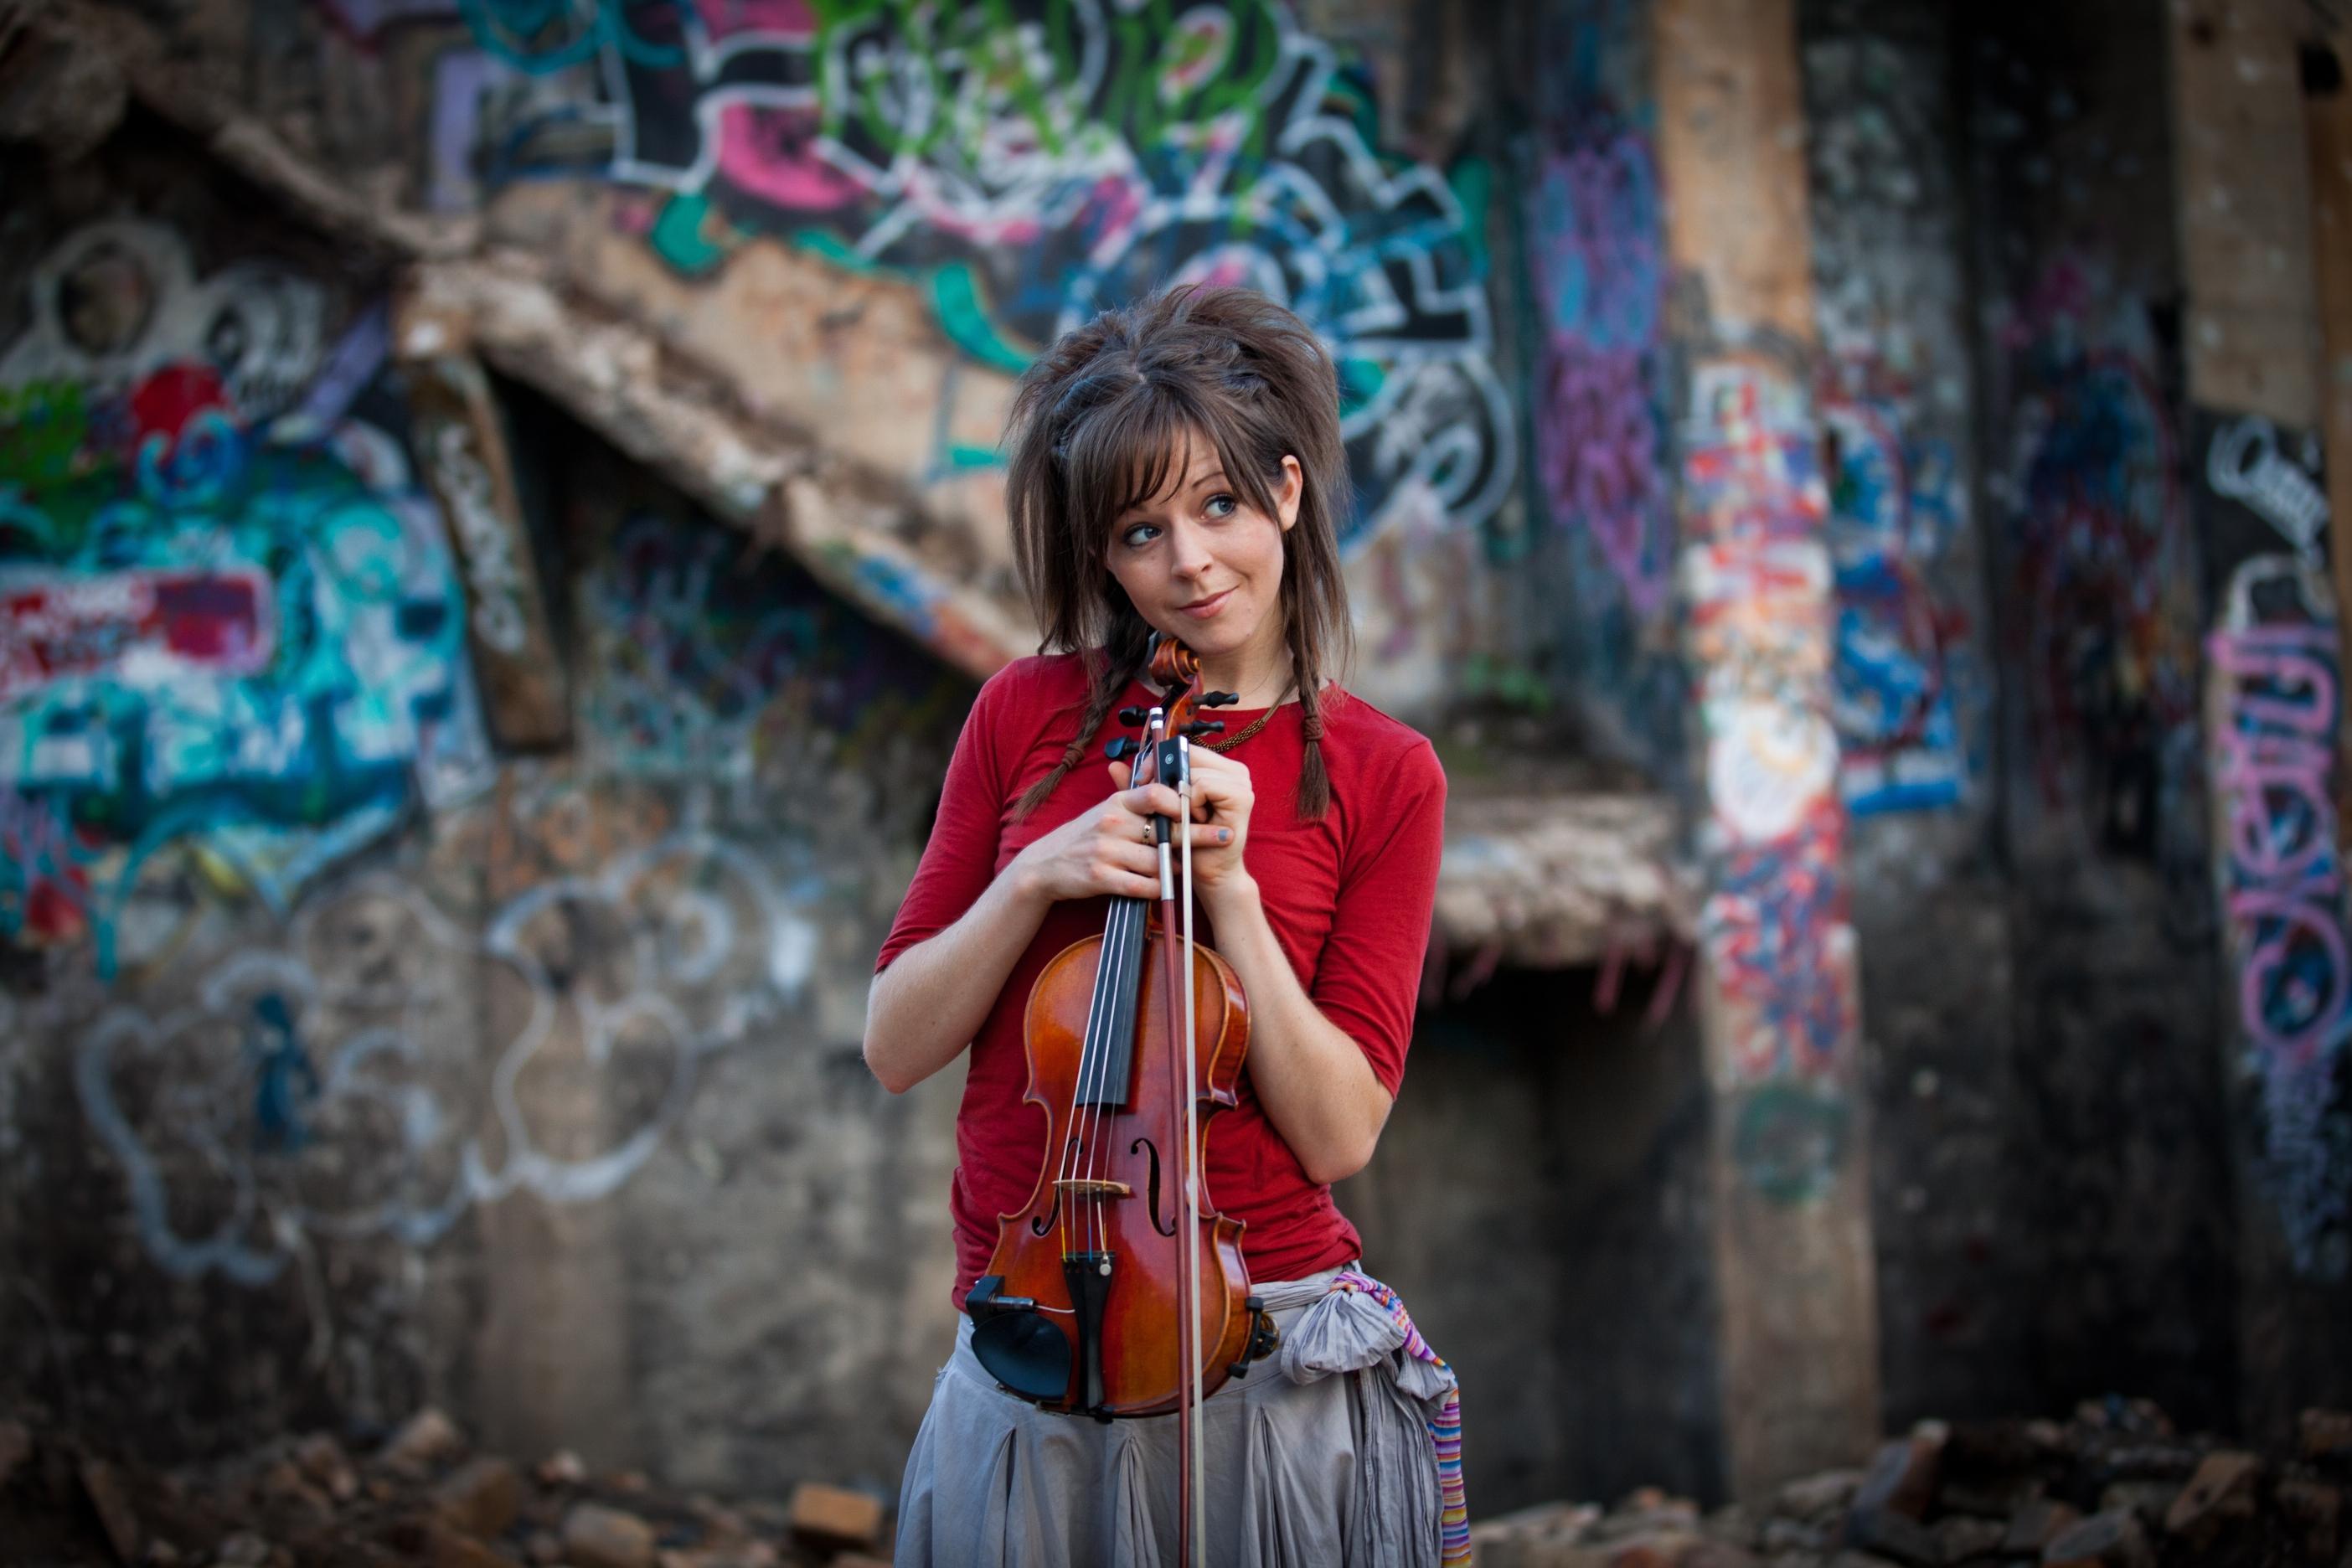 игра на скрипке в поле загрузить